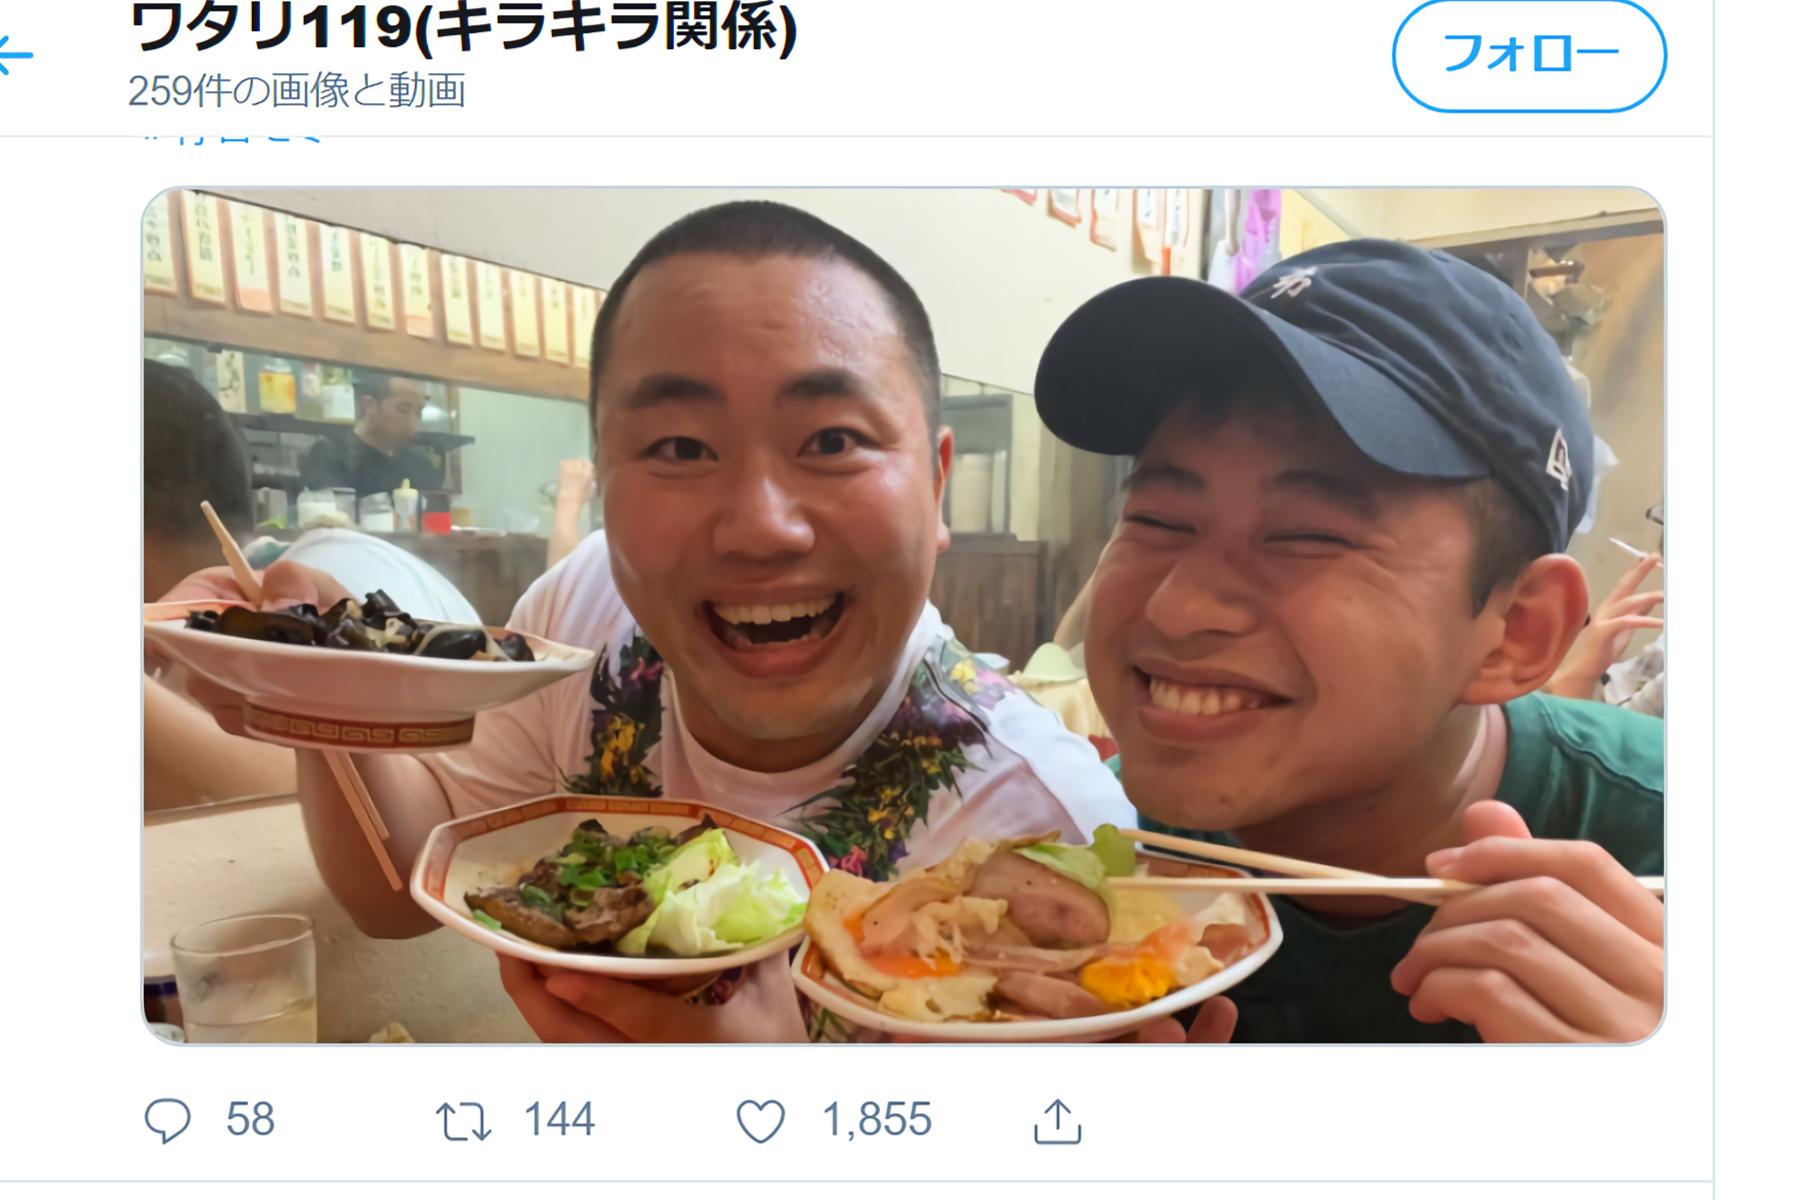 ワタリ119、ハナコ岡部大